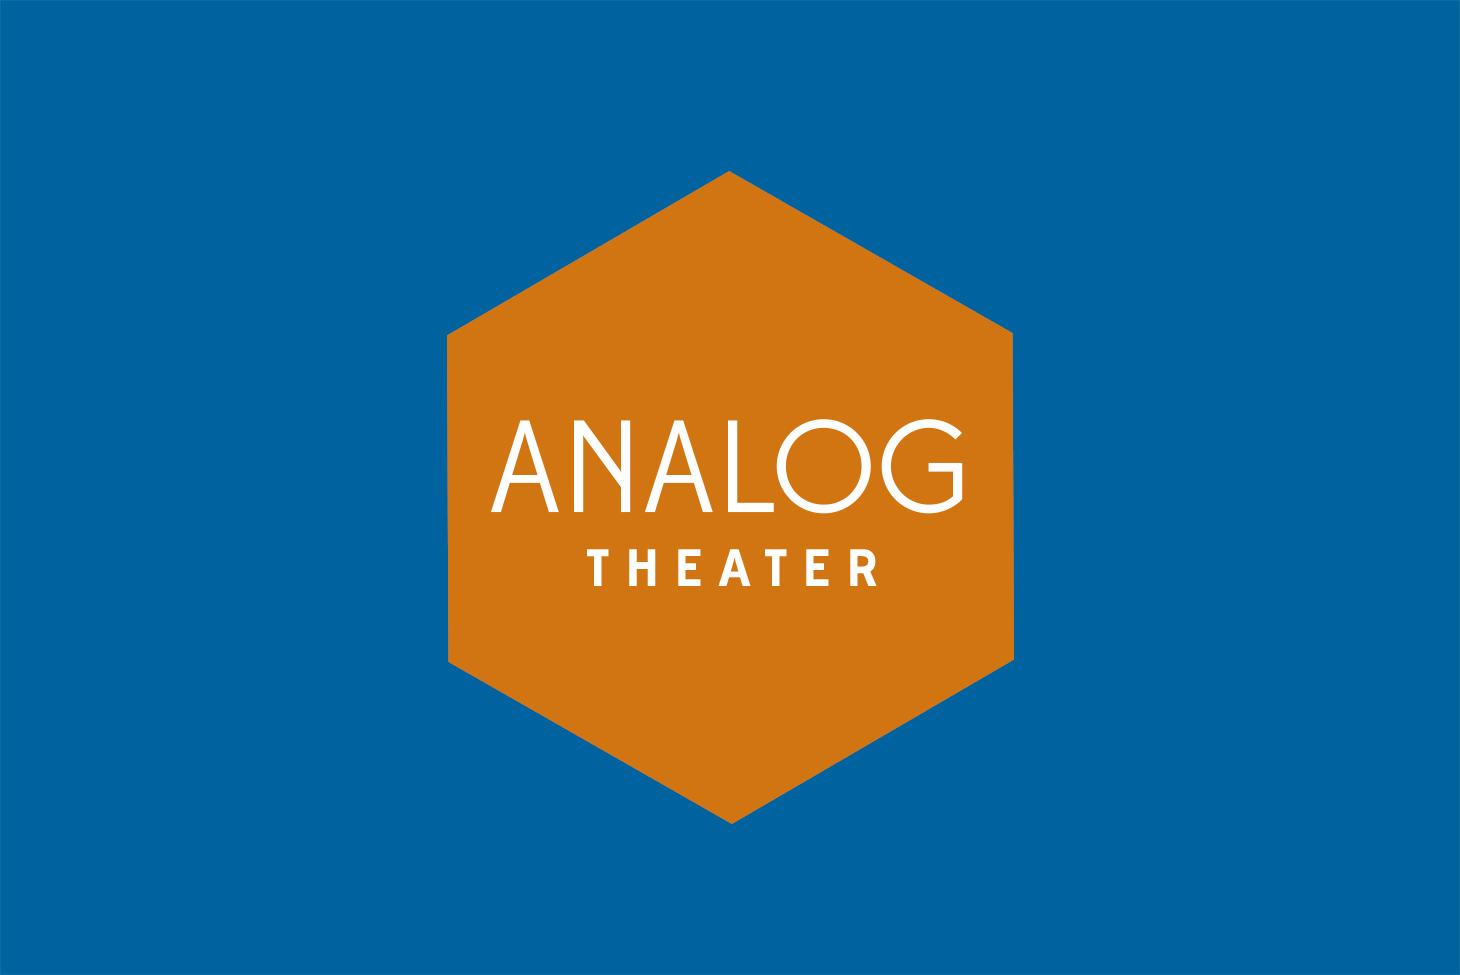 analogtheater_05